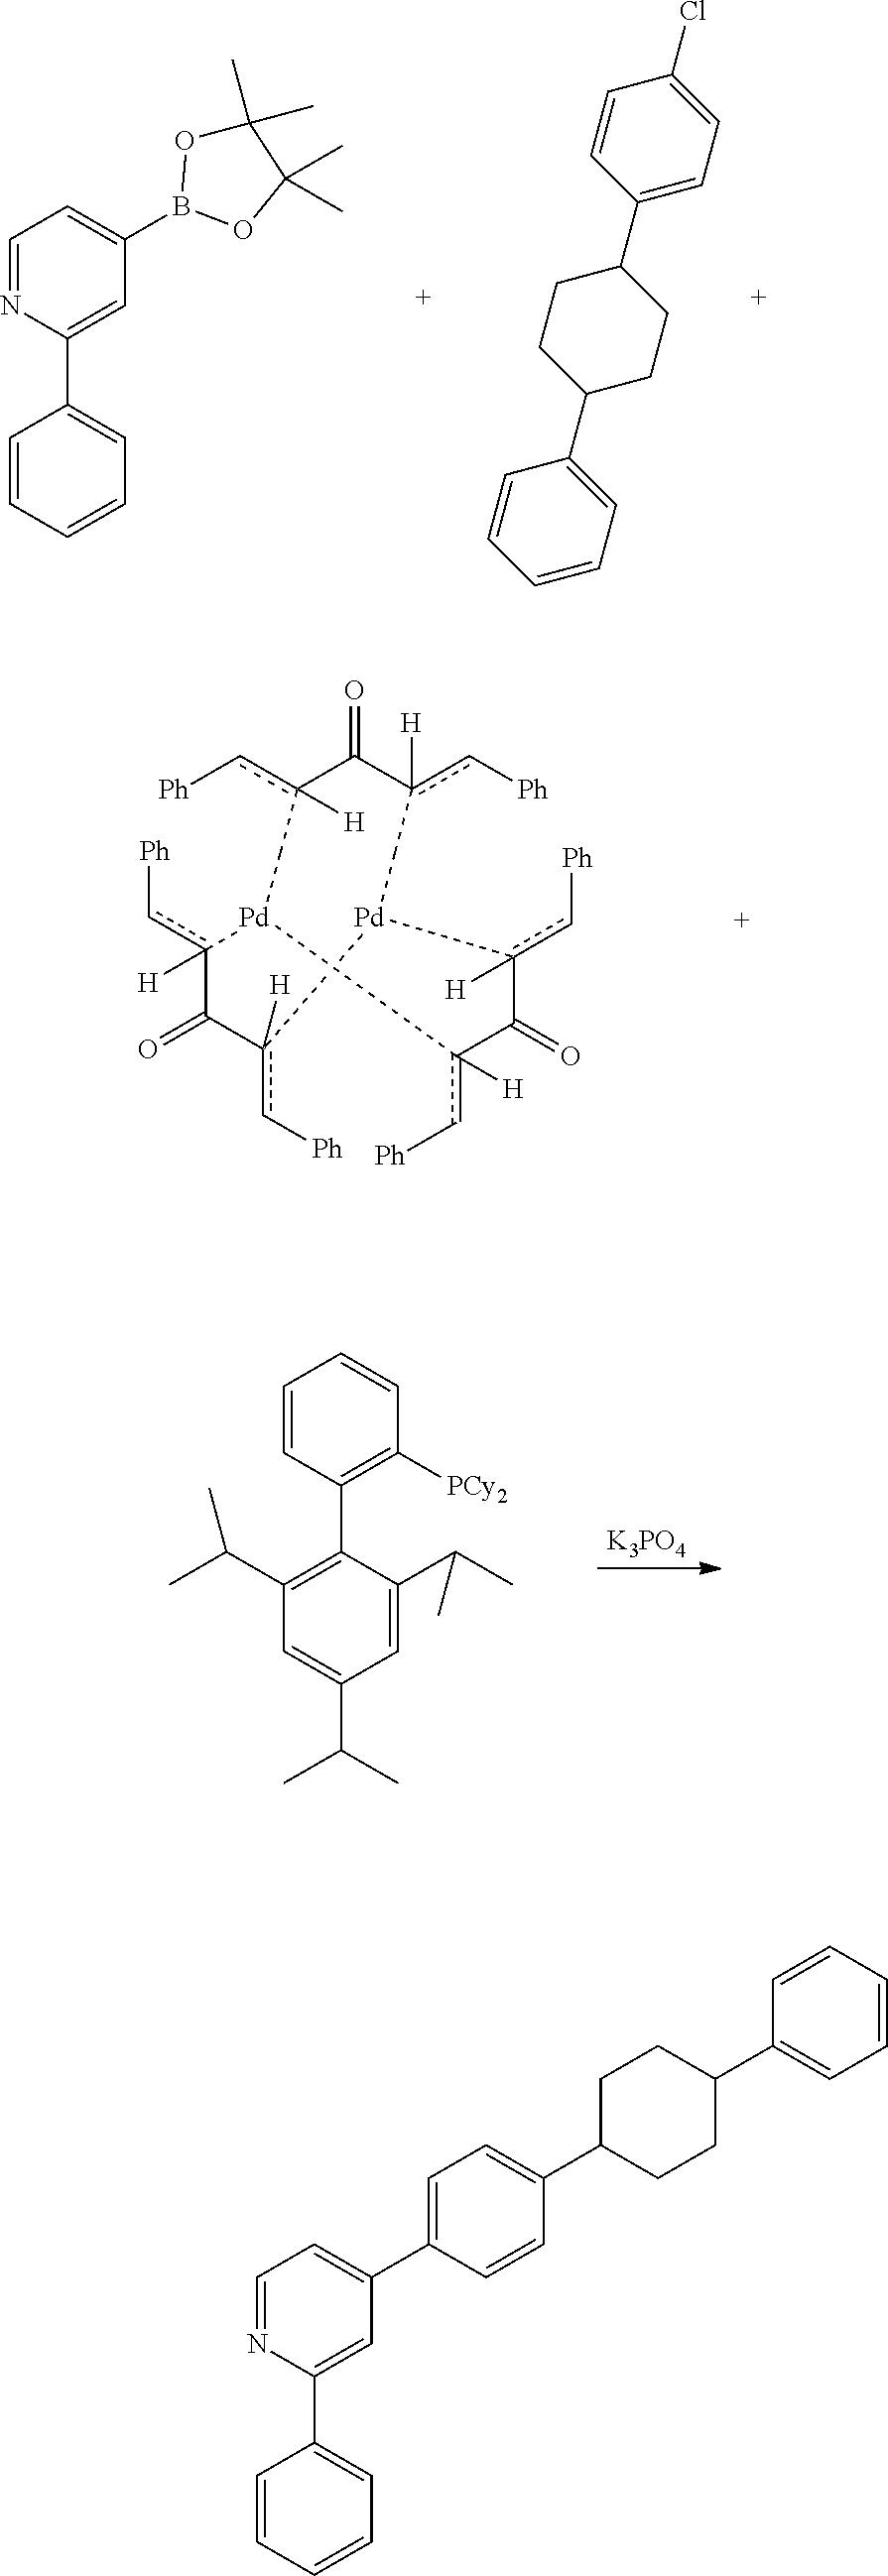 Figure US20180076393A1-20180315-C00132